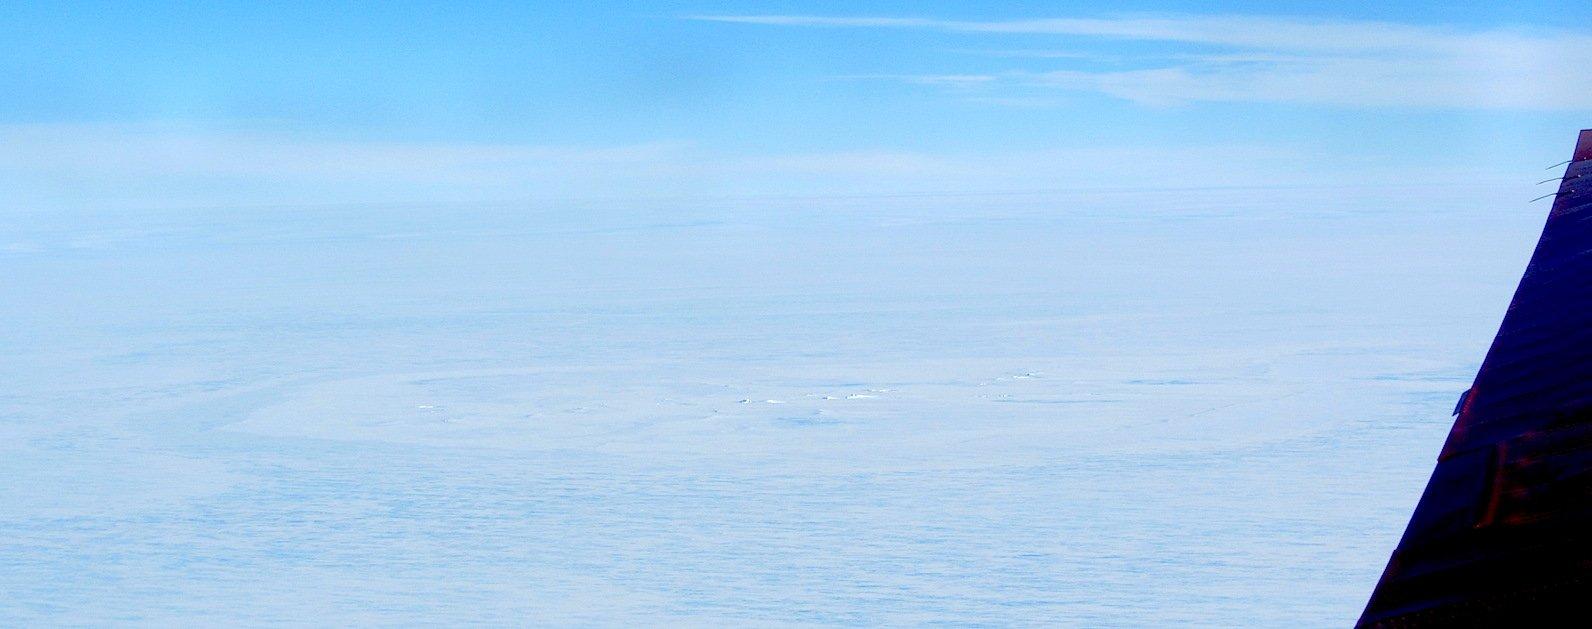 Die vermutliche Einschlagsstelle des Meteoriten: Original-Luftaufnahme der ringförmig umrahmten Bruchstruktur im Schelfeis.Schwach erkennbar ist die ringförmige Struktur.